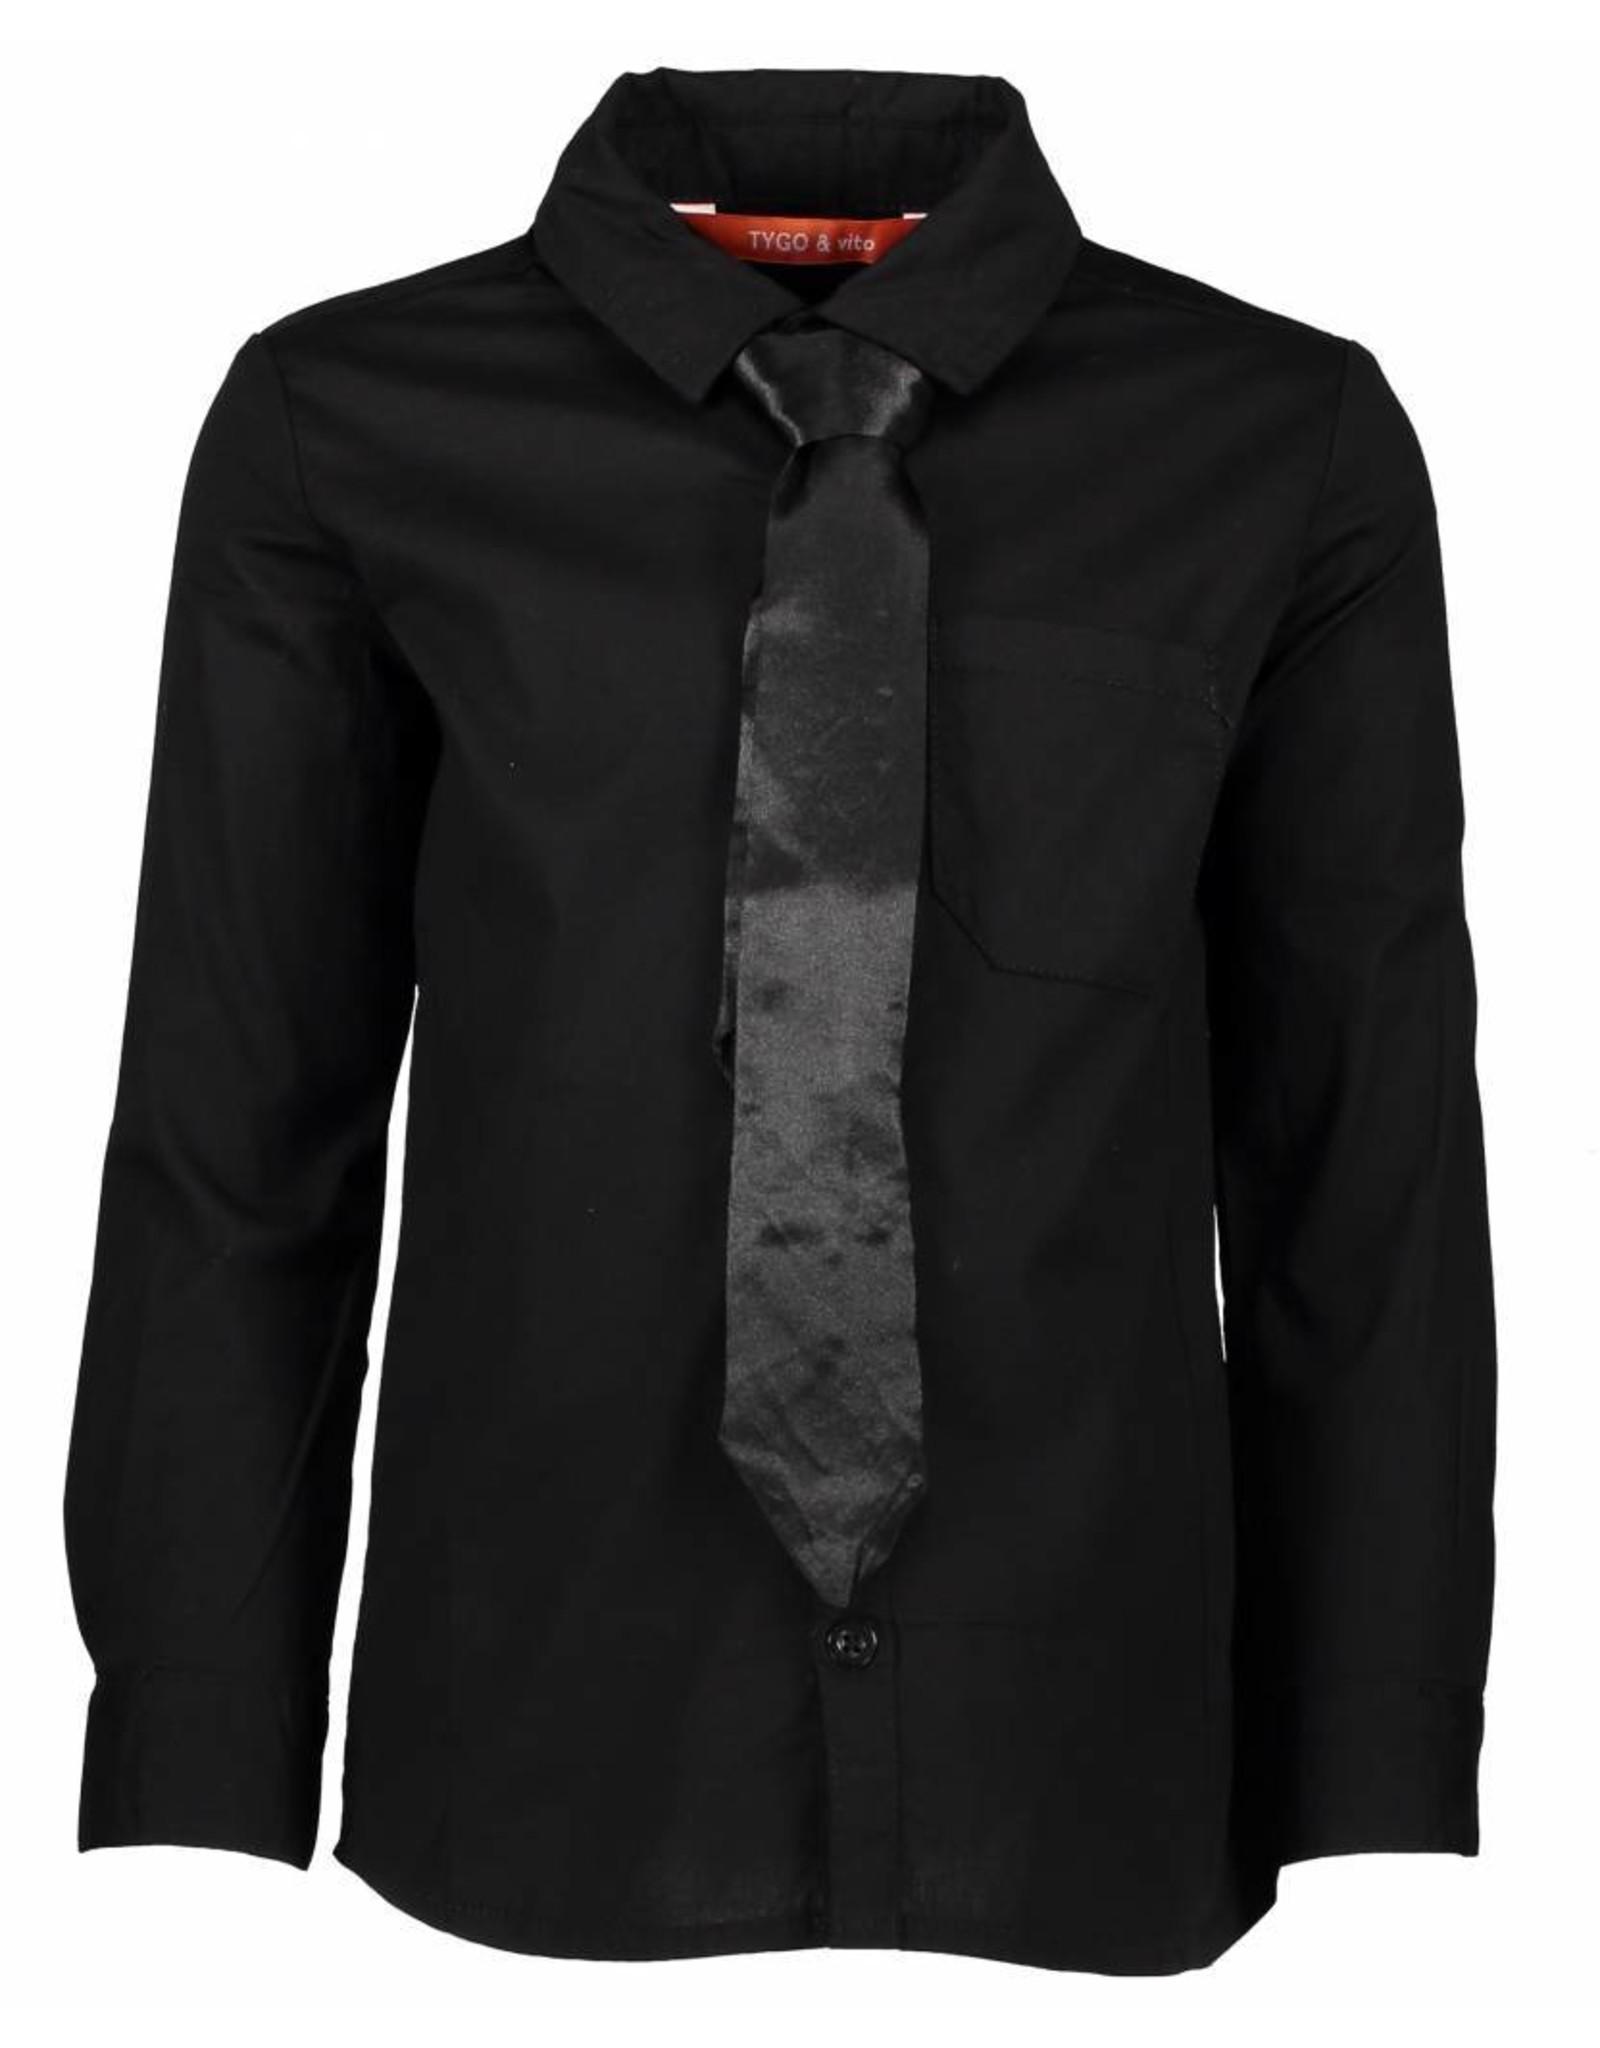 TYGO & Vito TYGO & Vito Shirt & Tie